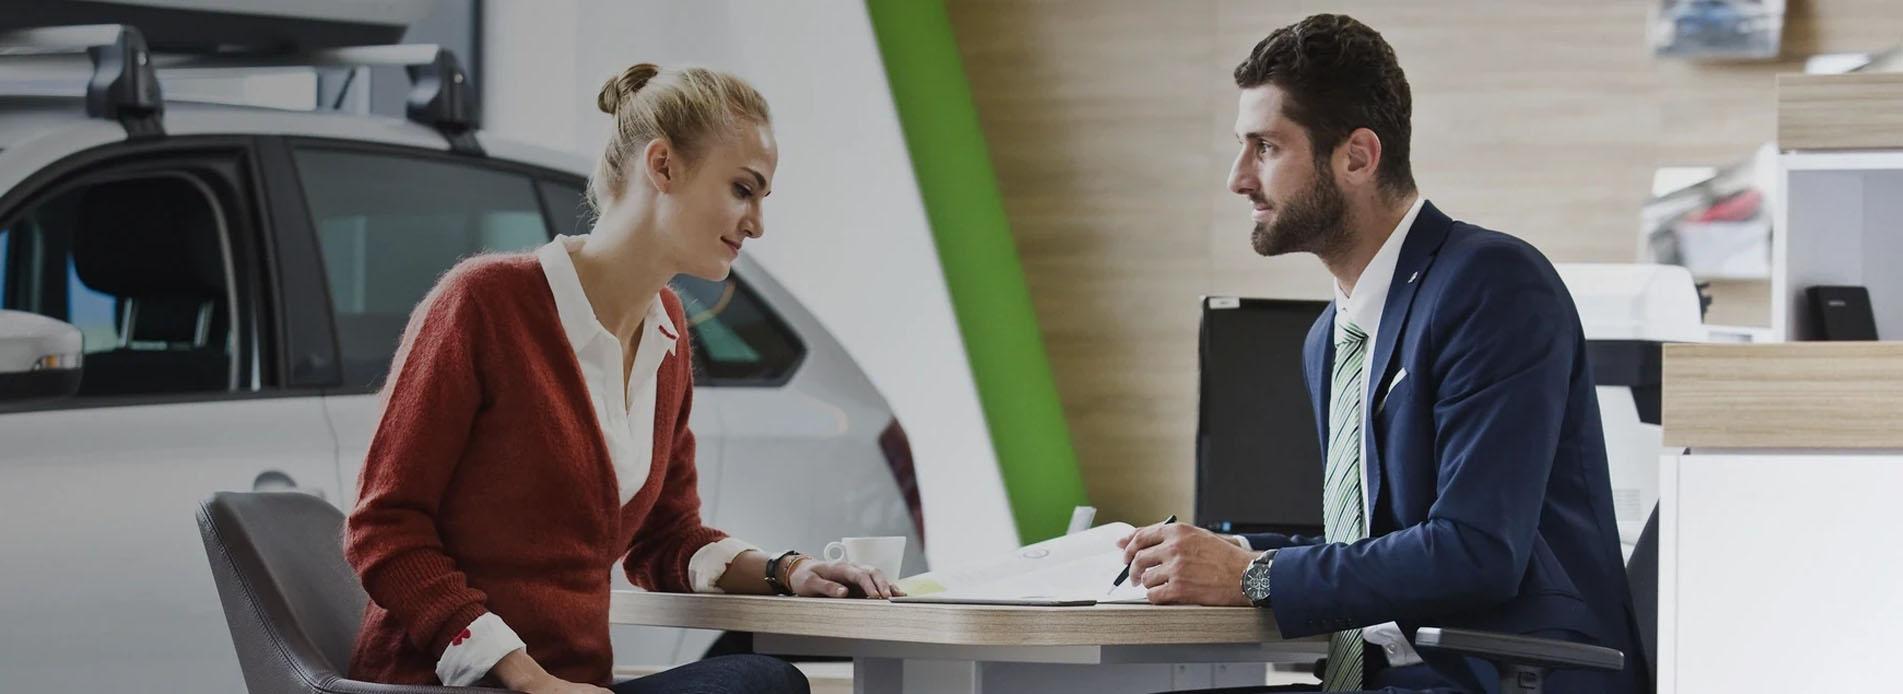 Jorro Import, Concesionario Oficial Skoda en Denia, Altea, Benissa y Gandía